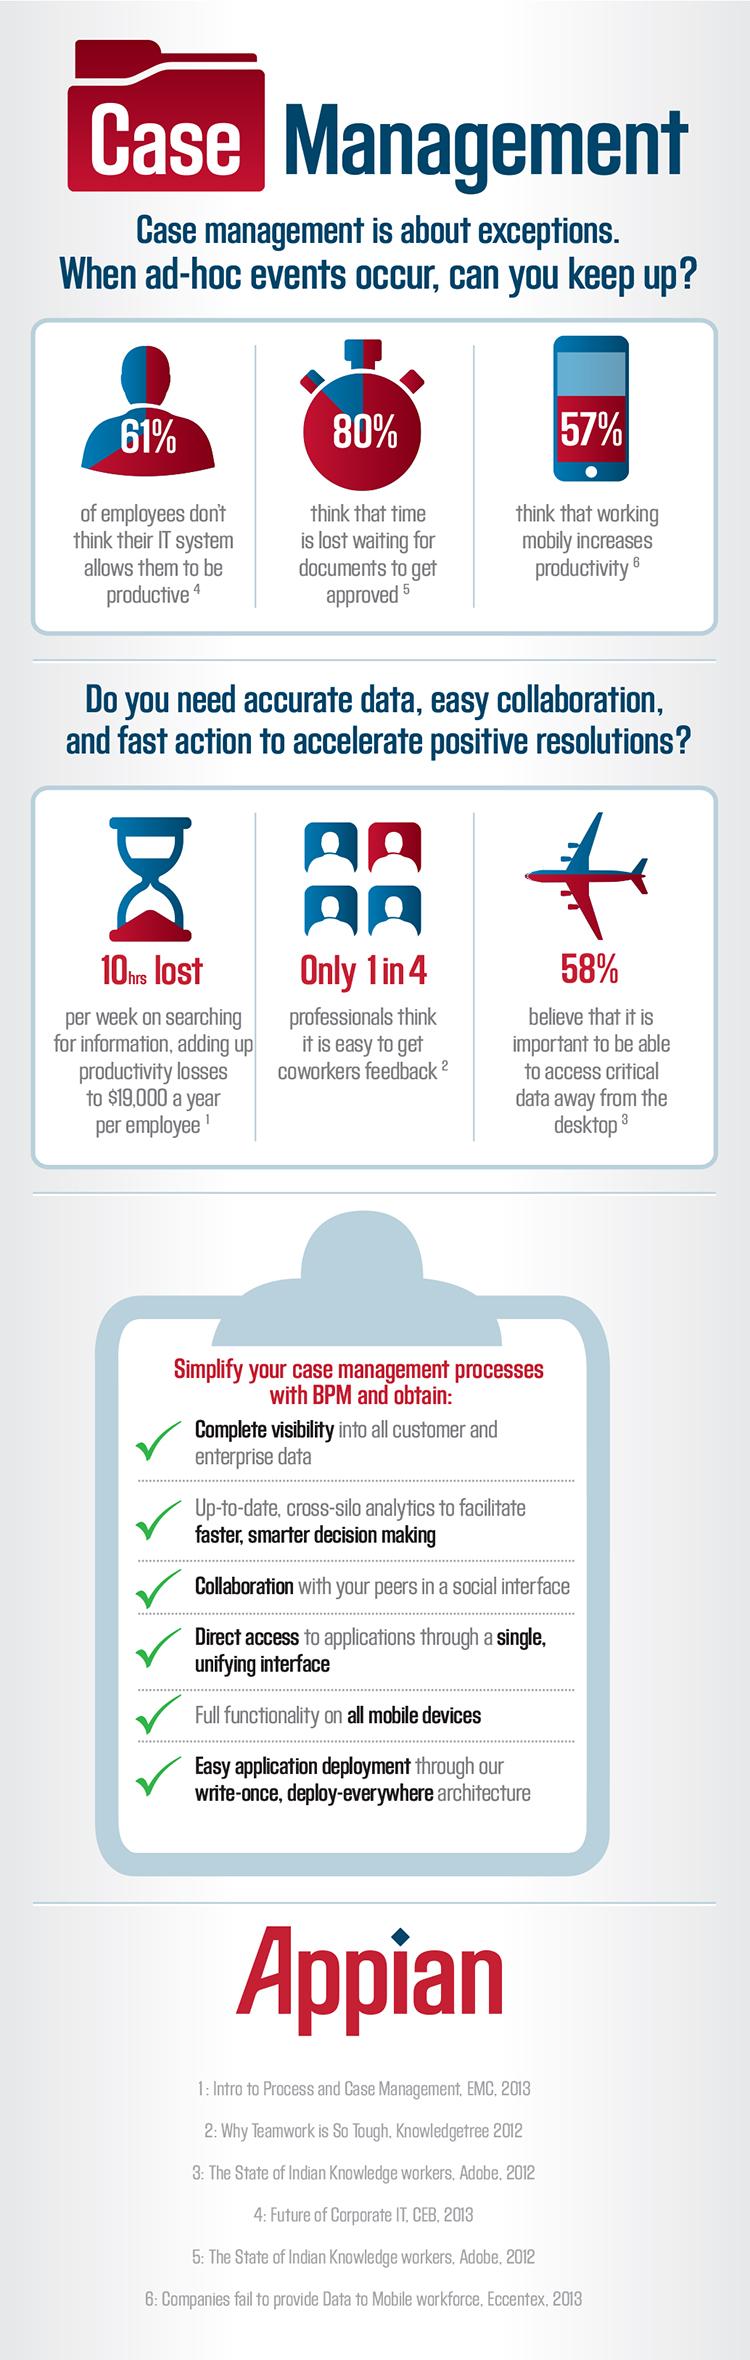 ap_case_management_infographic